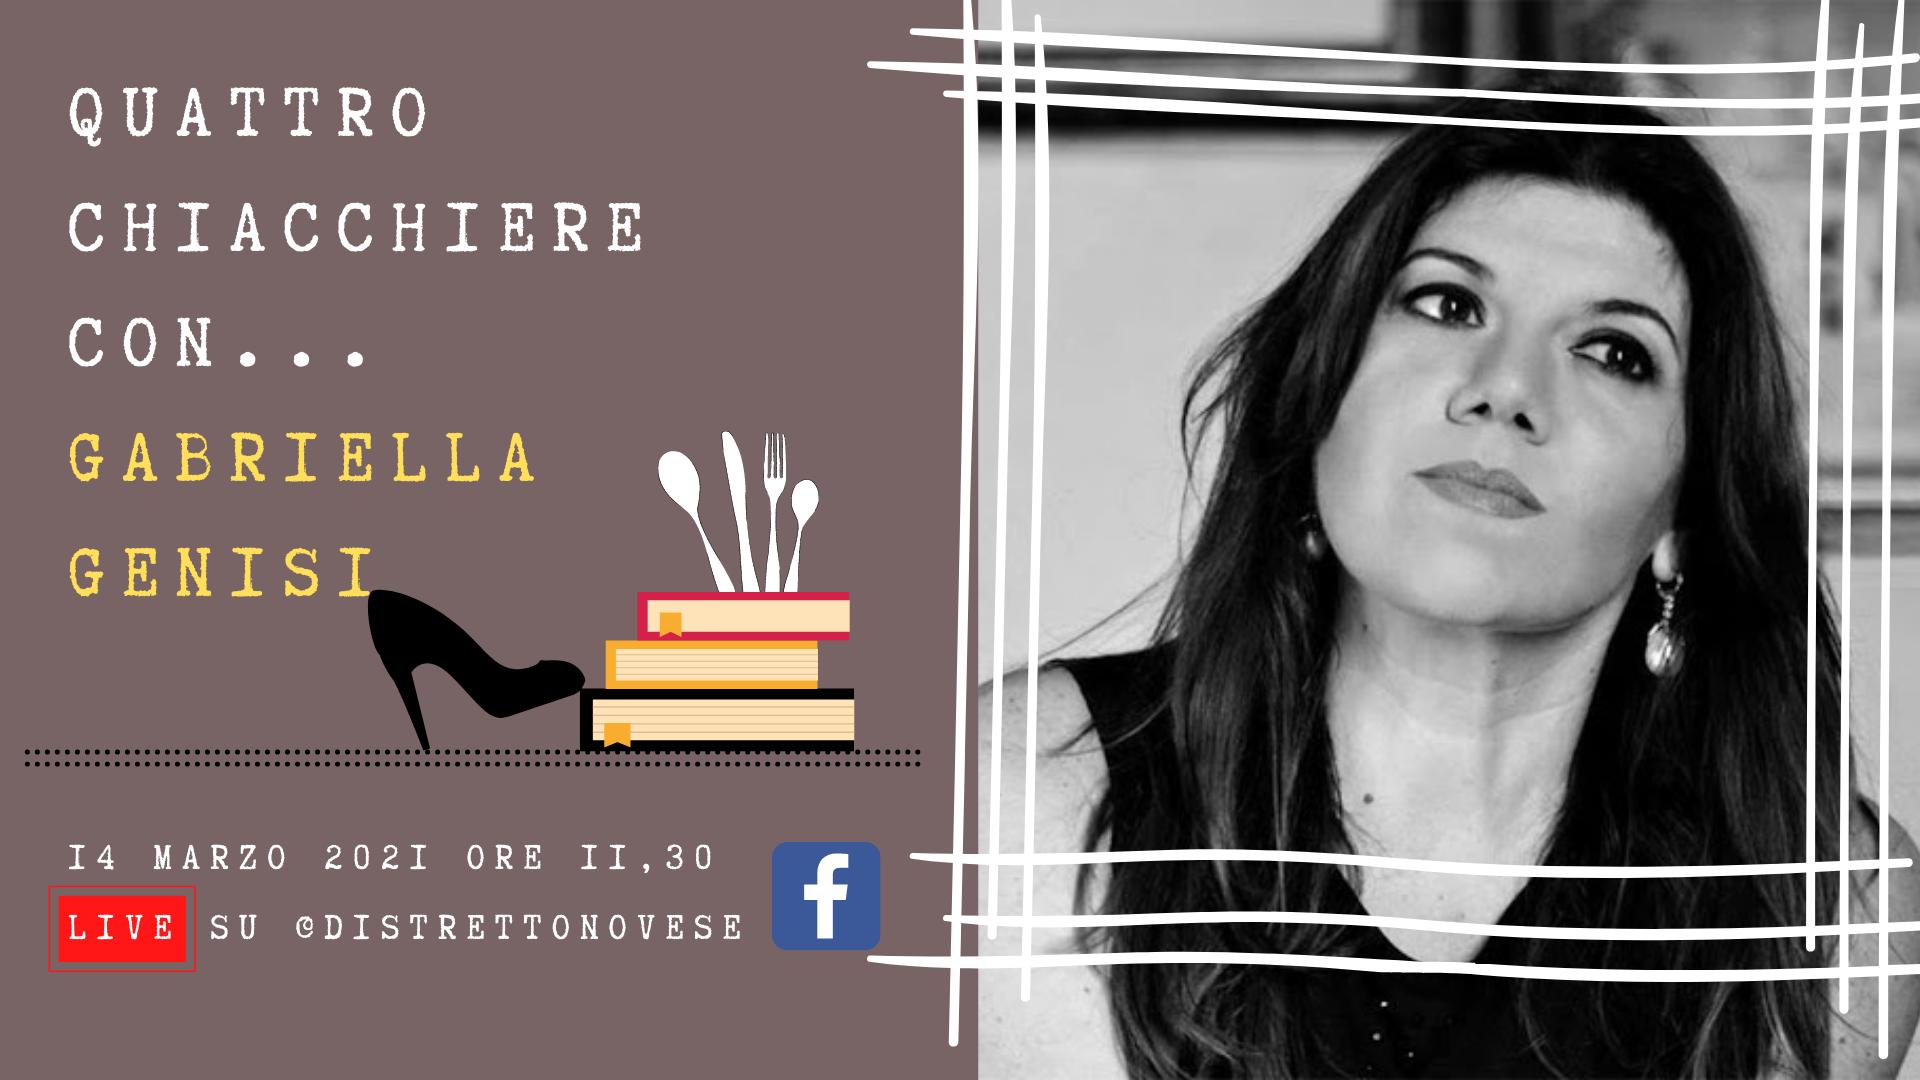 Quattro chiacchiere con Gabriella Genisi